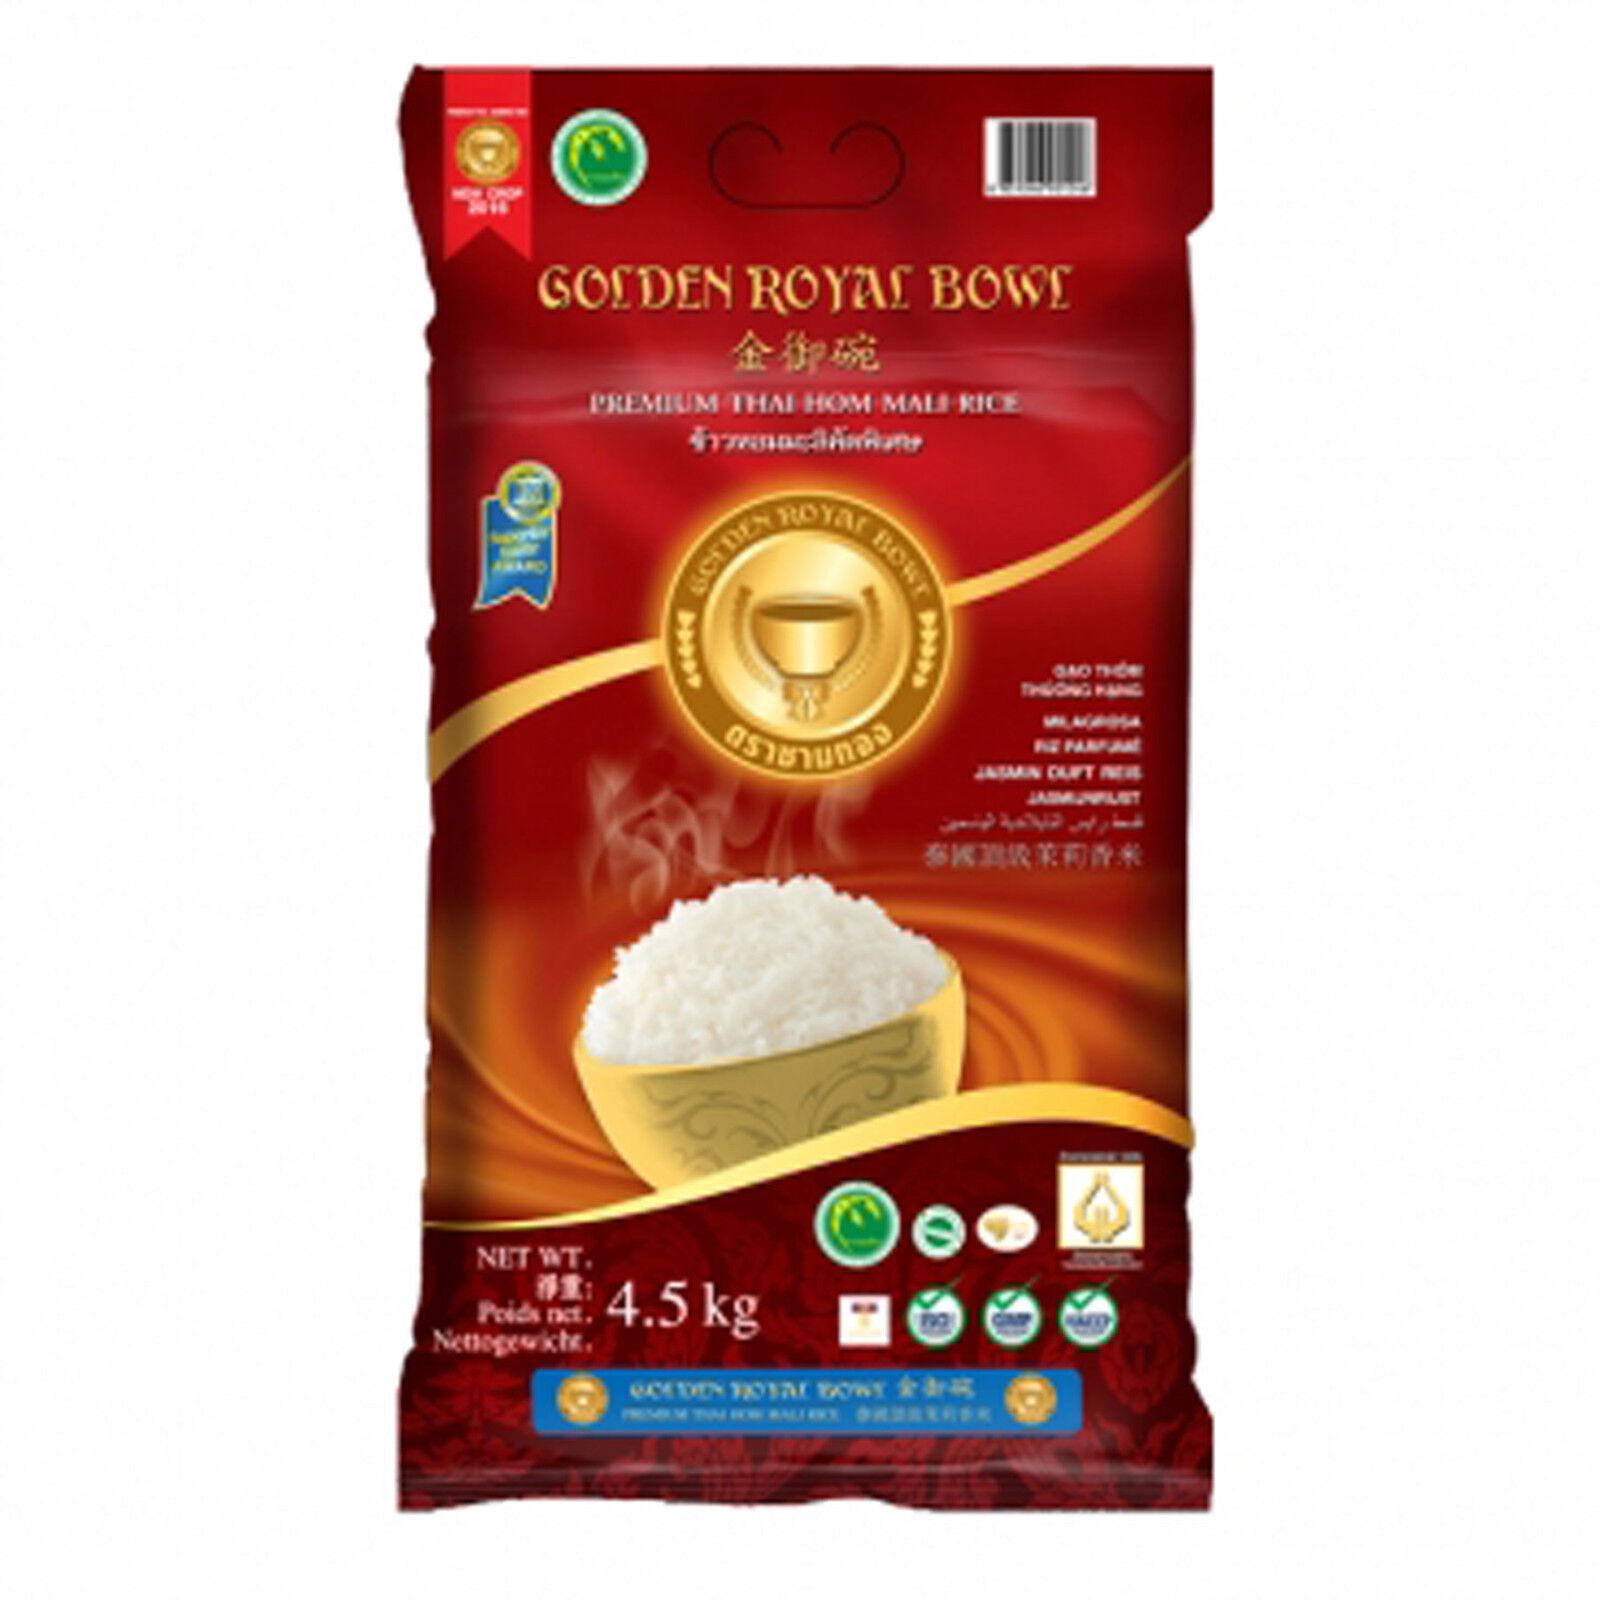 4,5 Kg Royal Bowl Longkorn Jasminreis Duftreis mehrfach ausgezeichnet AAAAA